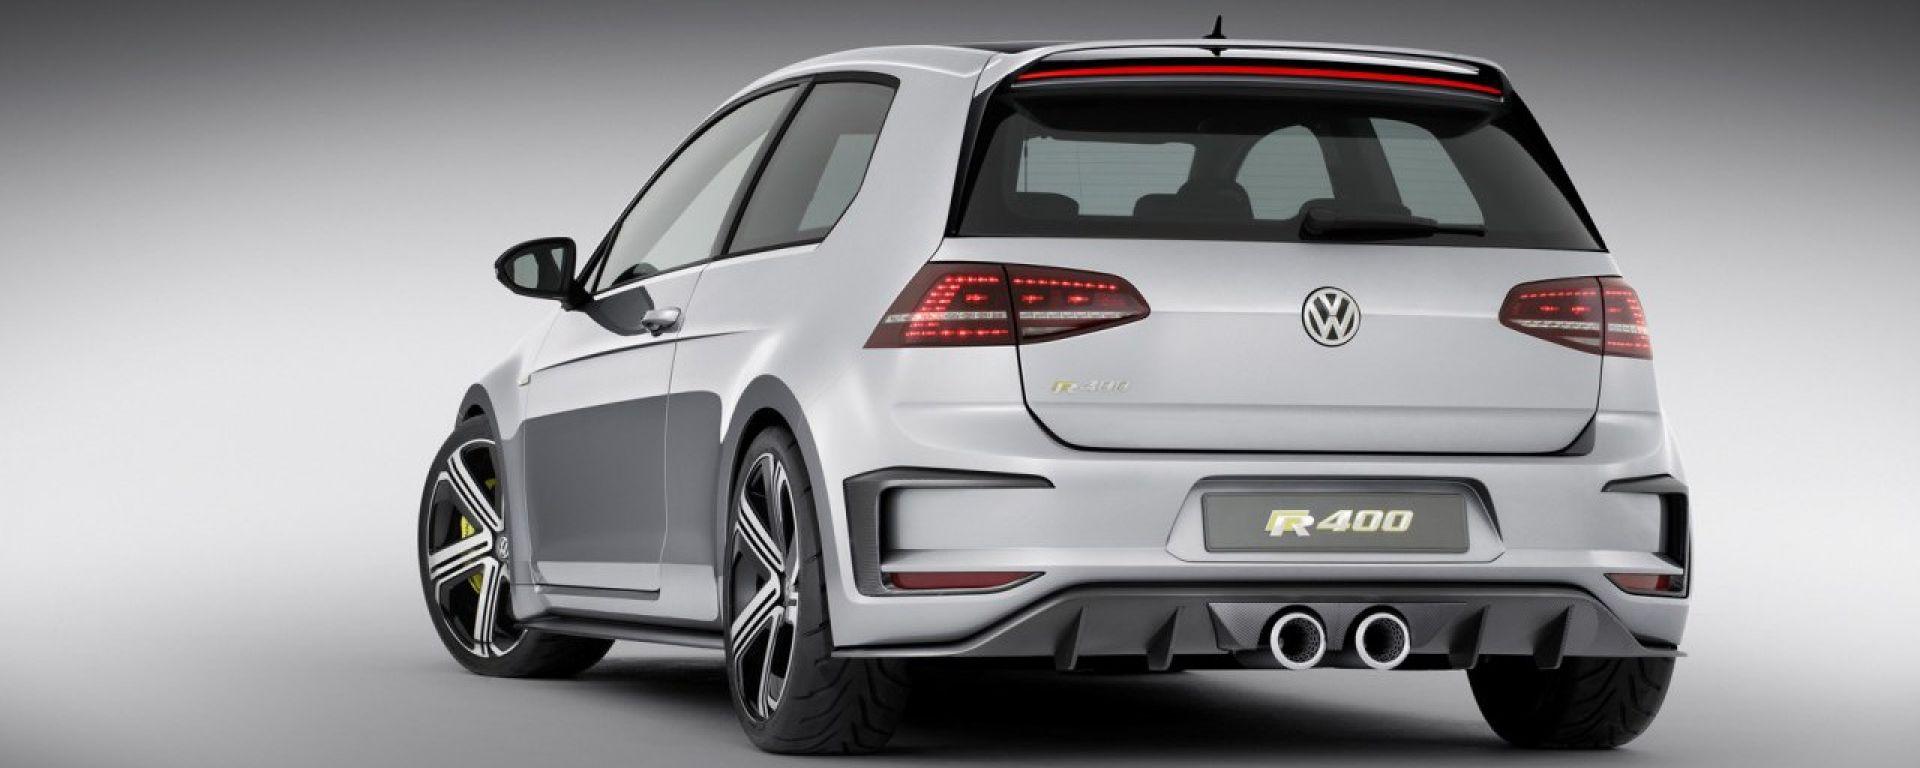 Volkswagen Golf R 400: le nuove foto